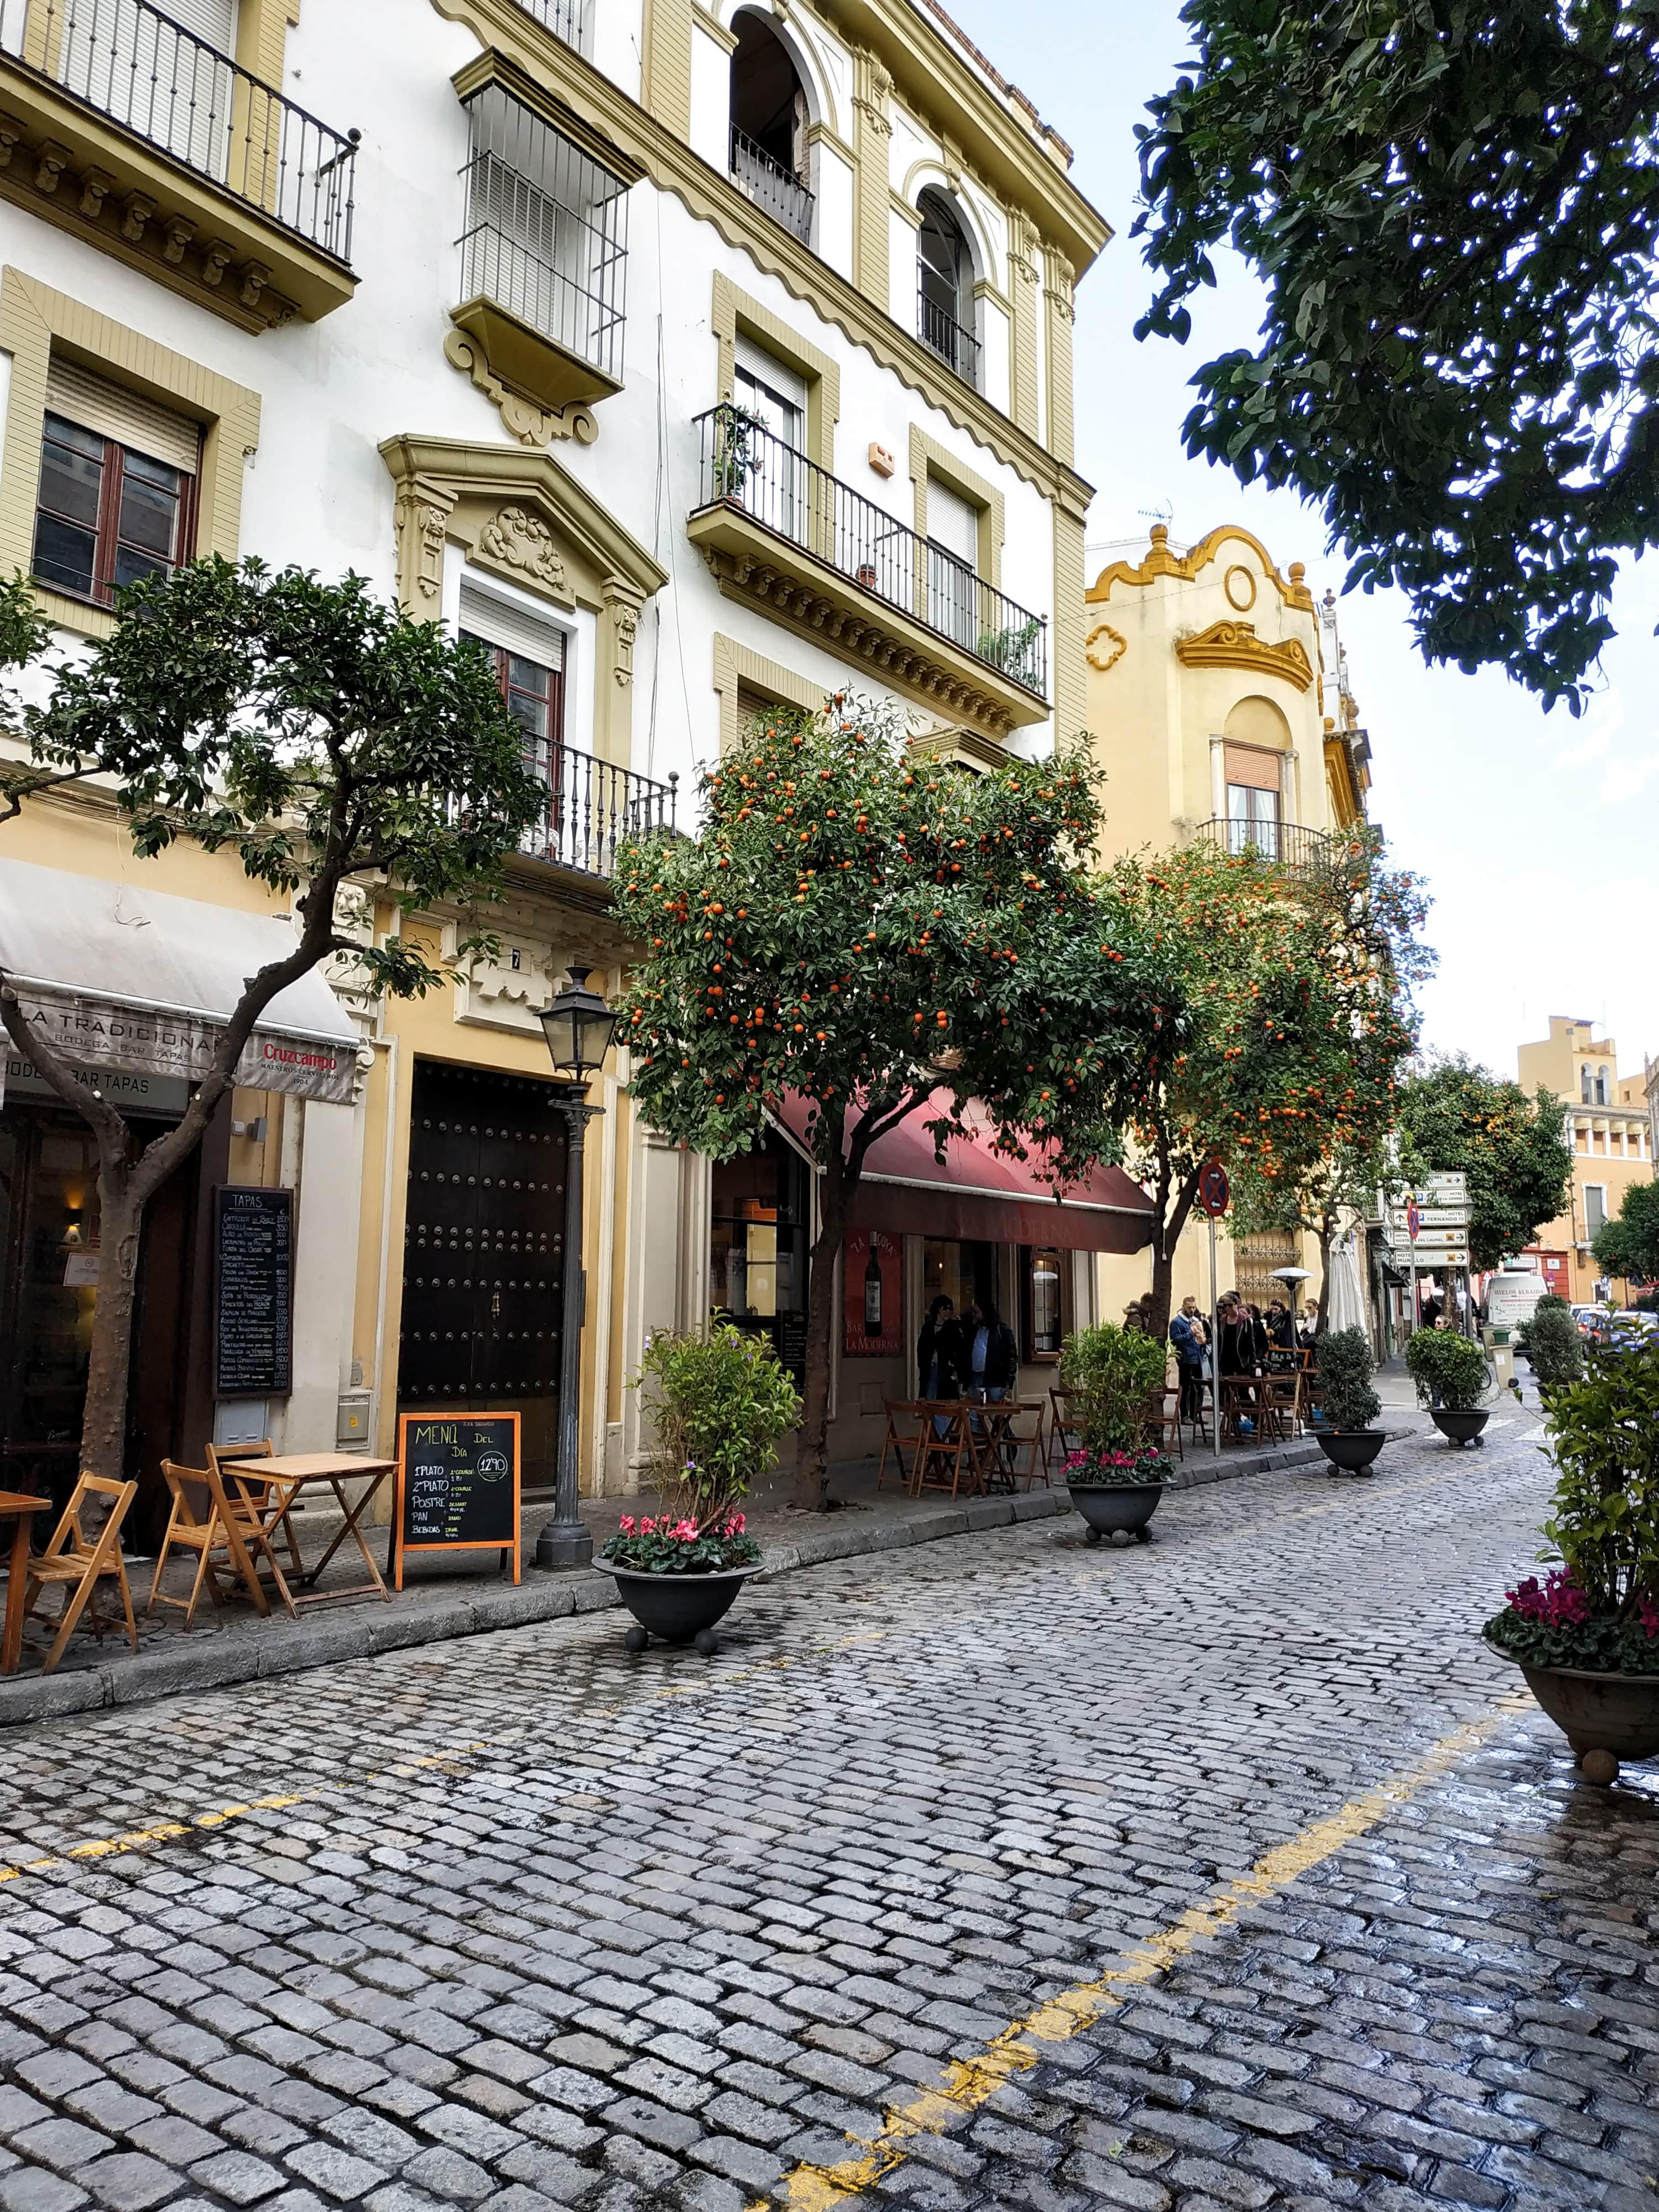 Santa Cruz : Retrouvez ici toutes les informations pour organiser votre long week-end à Séville, en Andalousie.